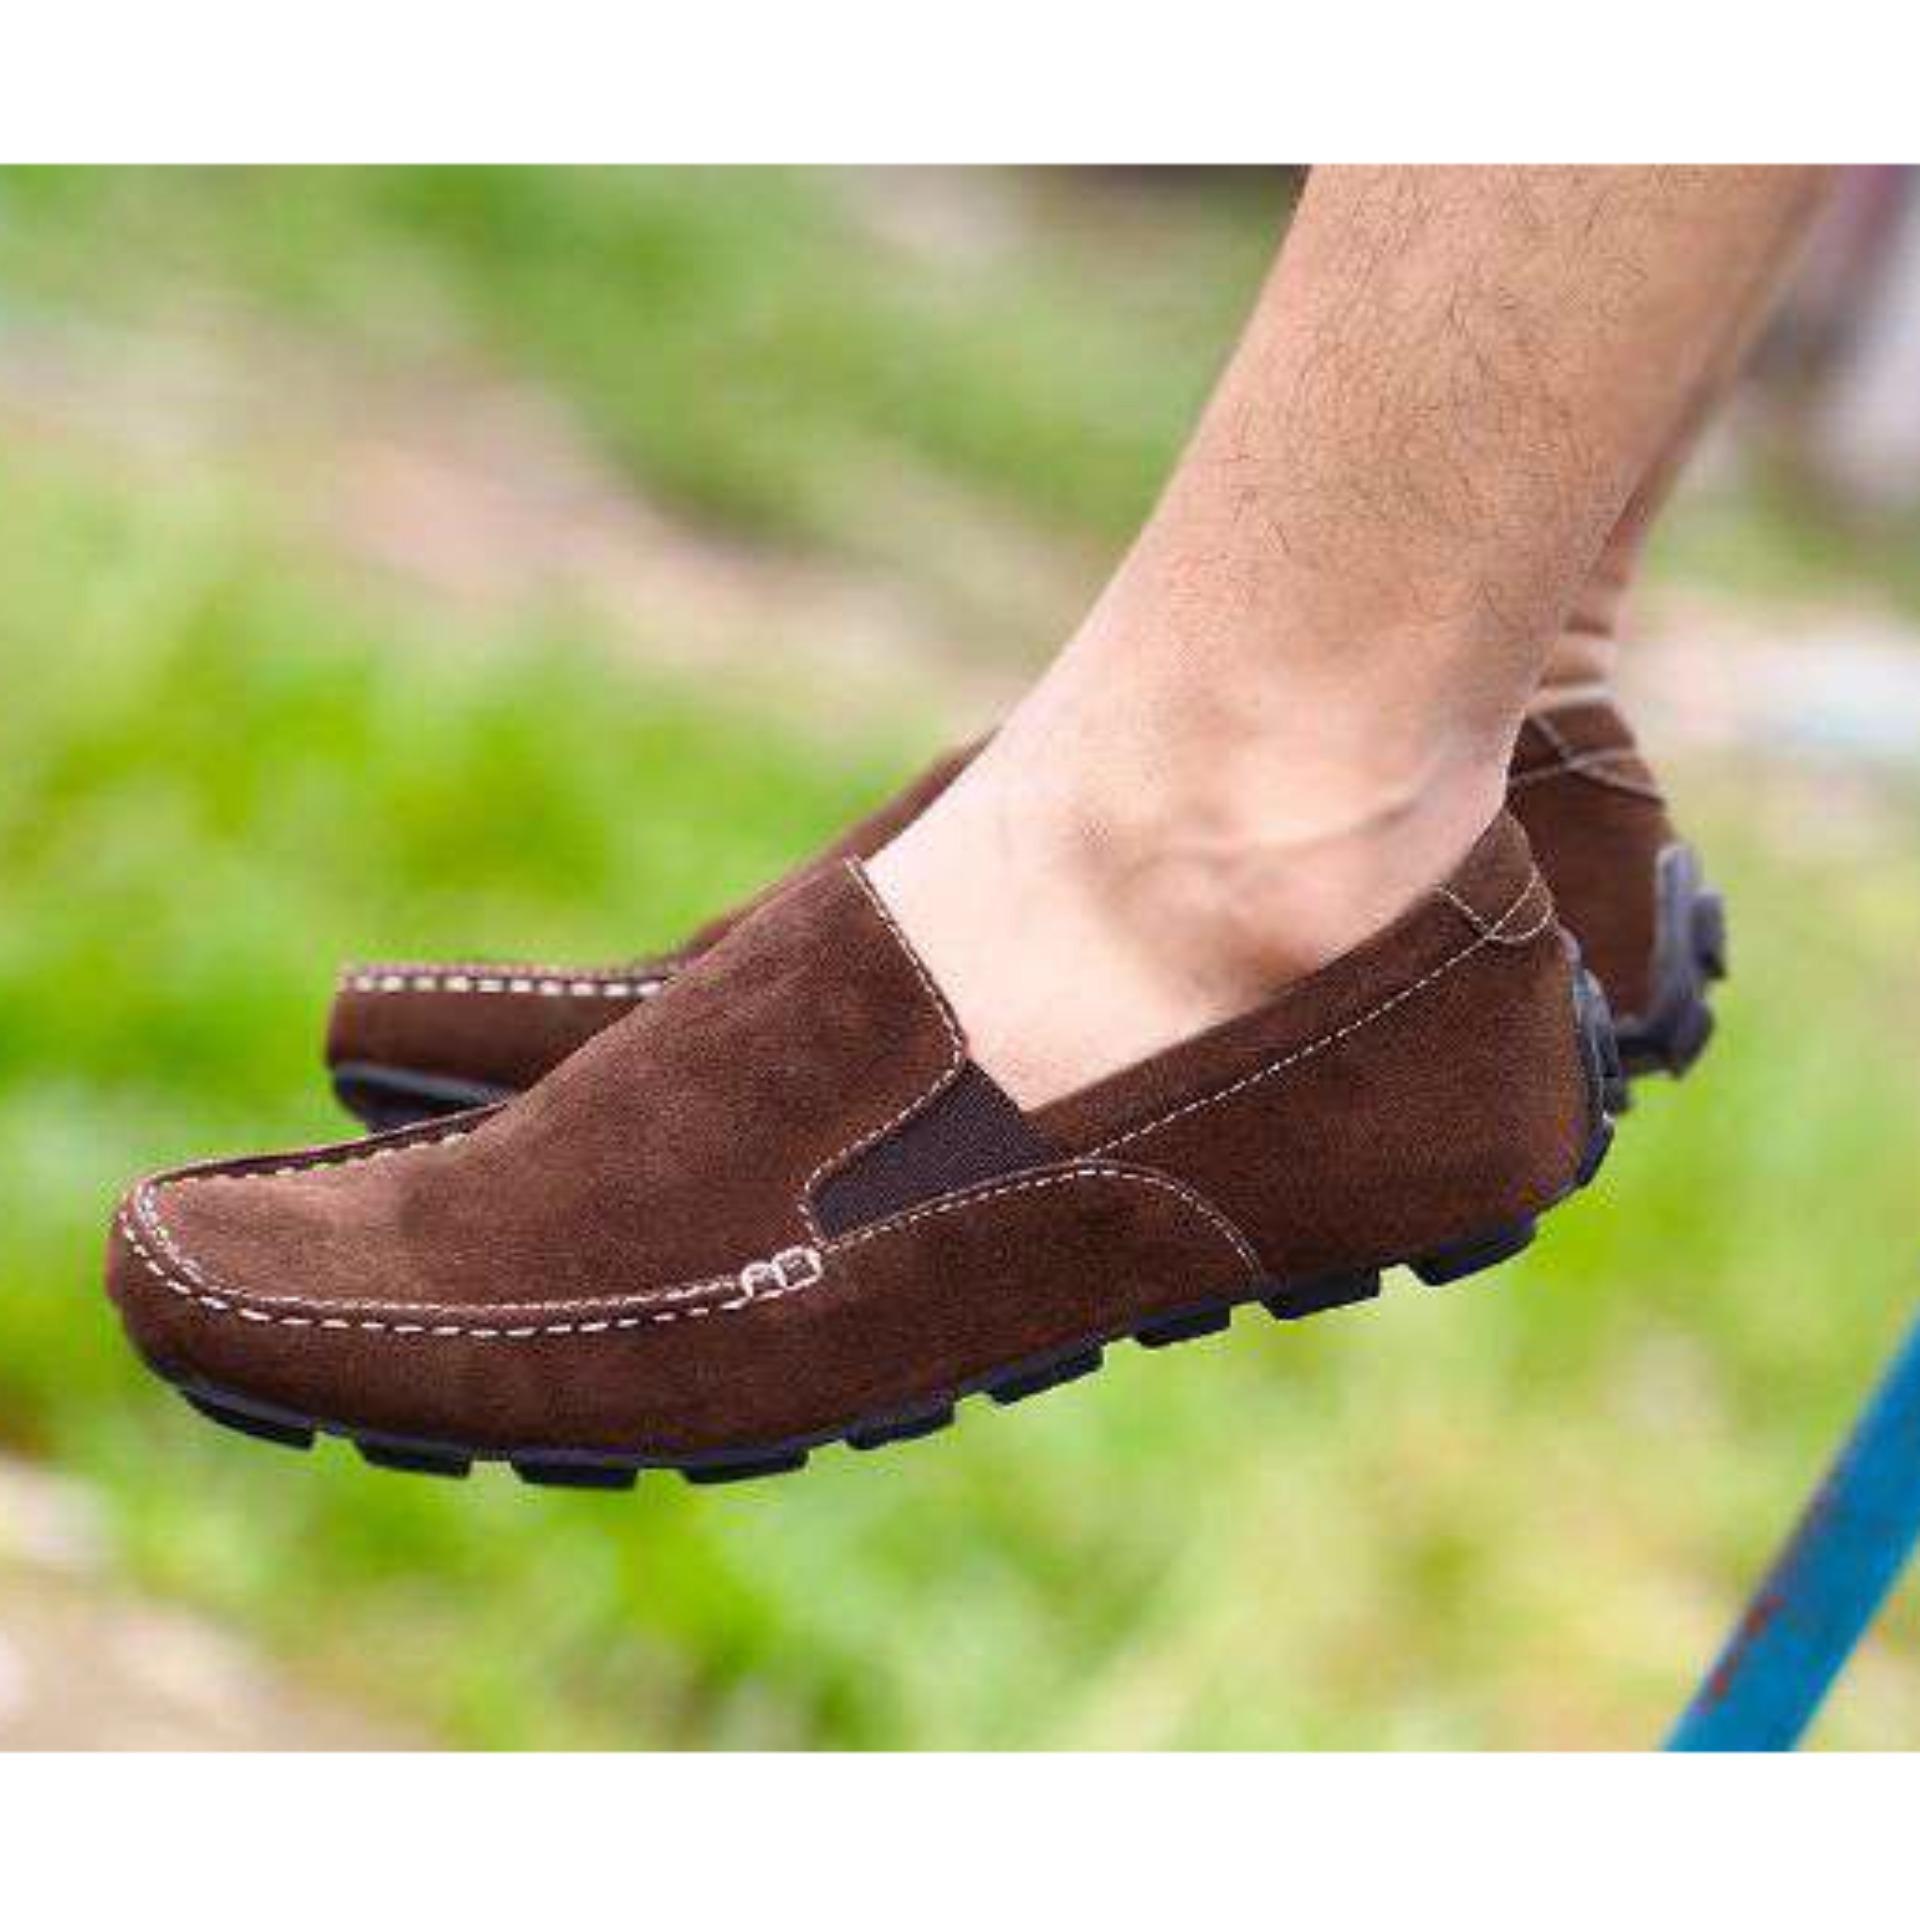 Diskon Produk Sepatu Santai Slop Casual Pria Wanita Olata Nyeak Coklat